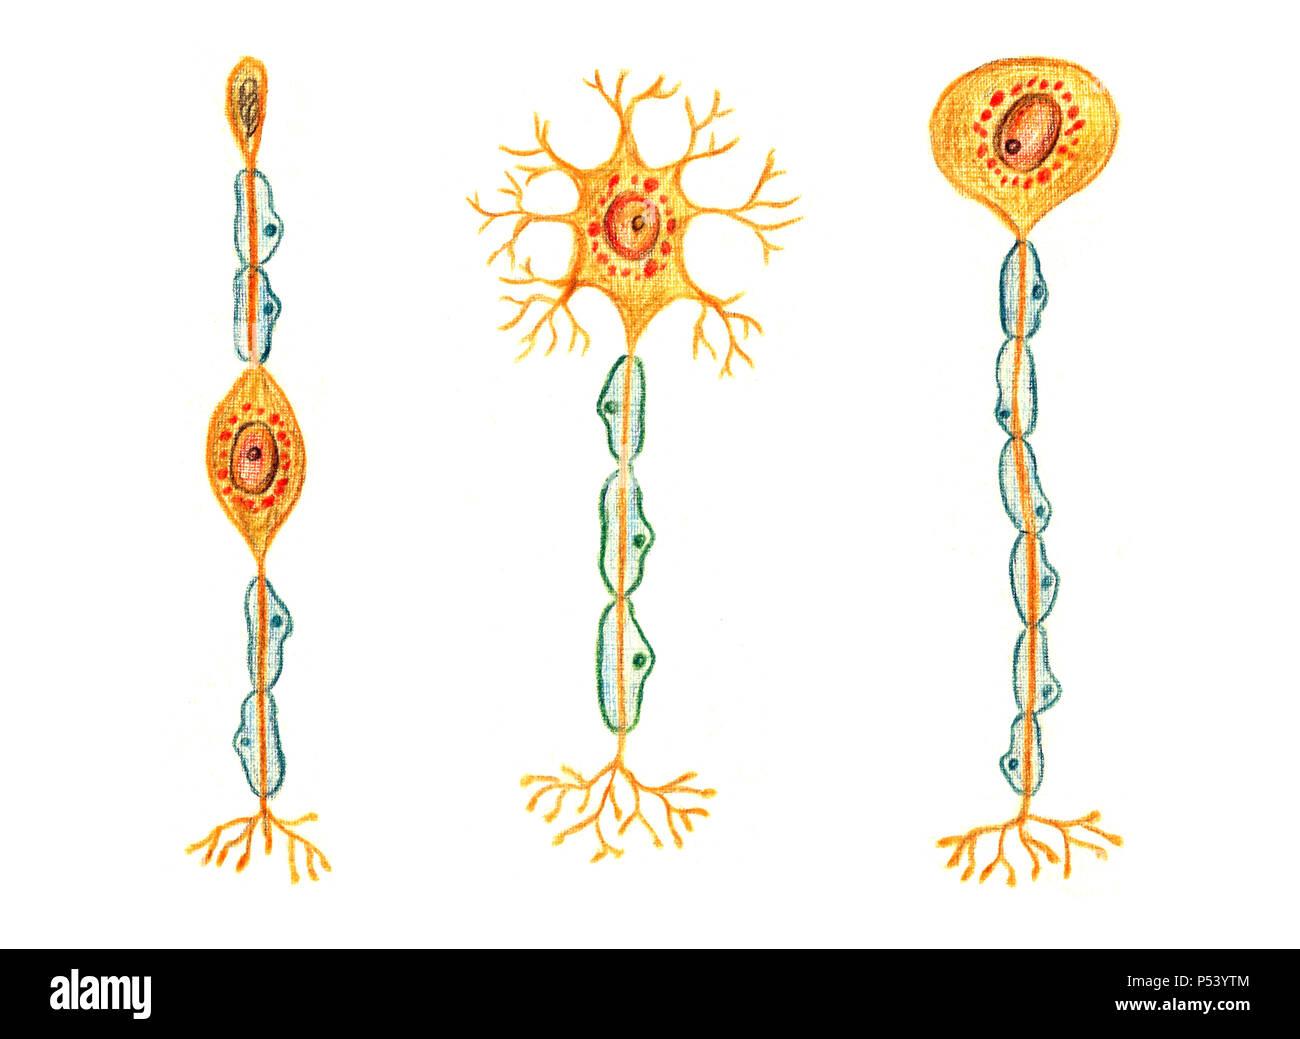 Différents types de neurones: neurone bipolaire, unipolaire neurone multipolaire, neurone, hand drawn illustration médicale, crayons de couleur dessin avec l'imitation Photo Stock